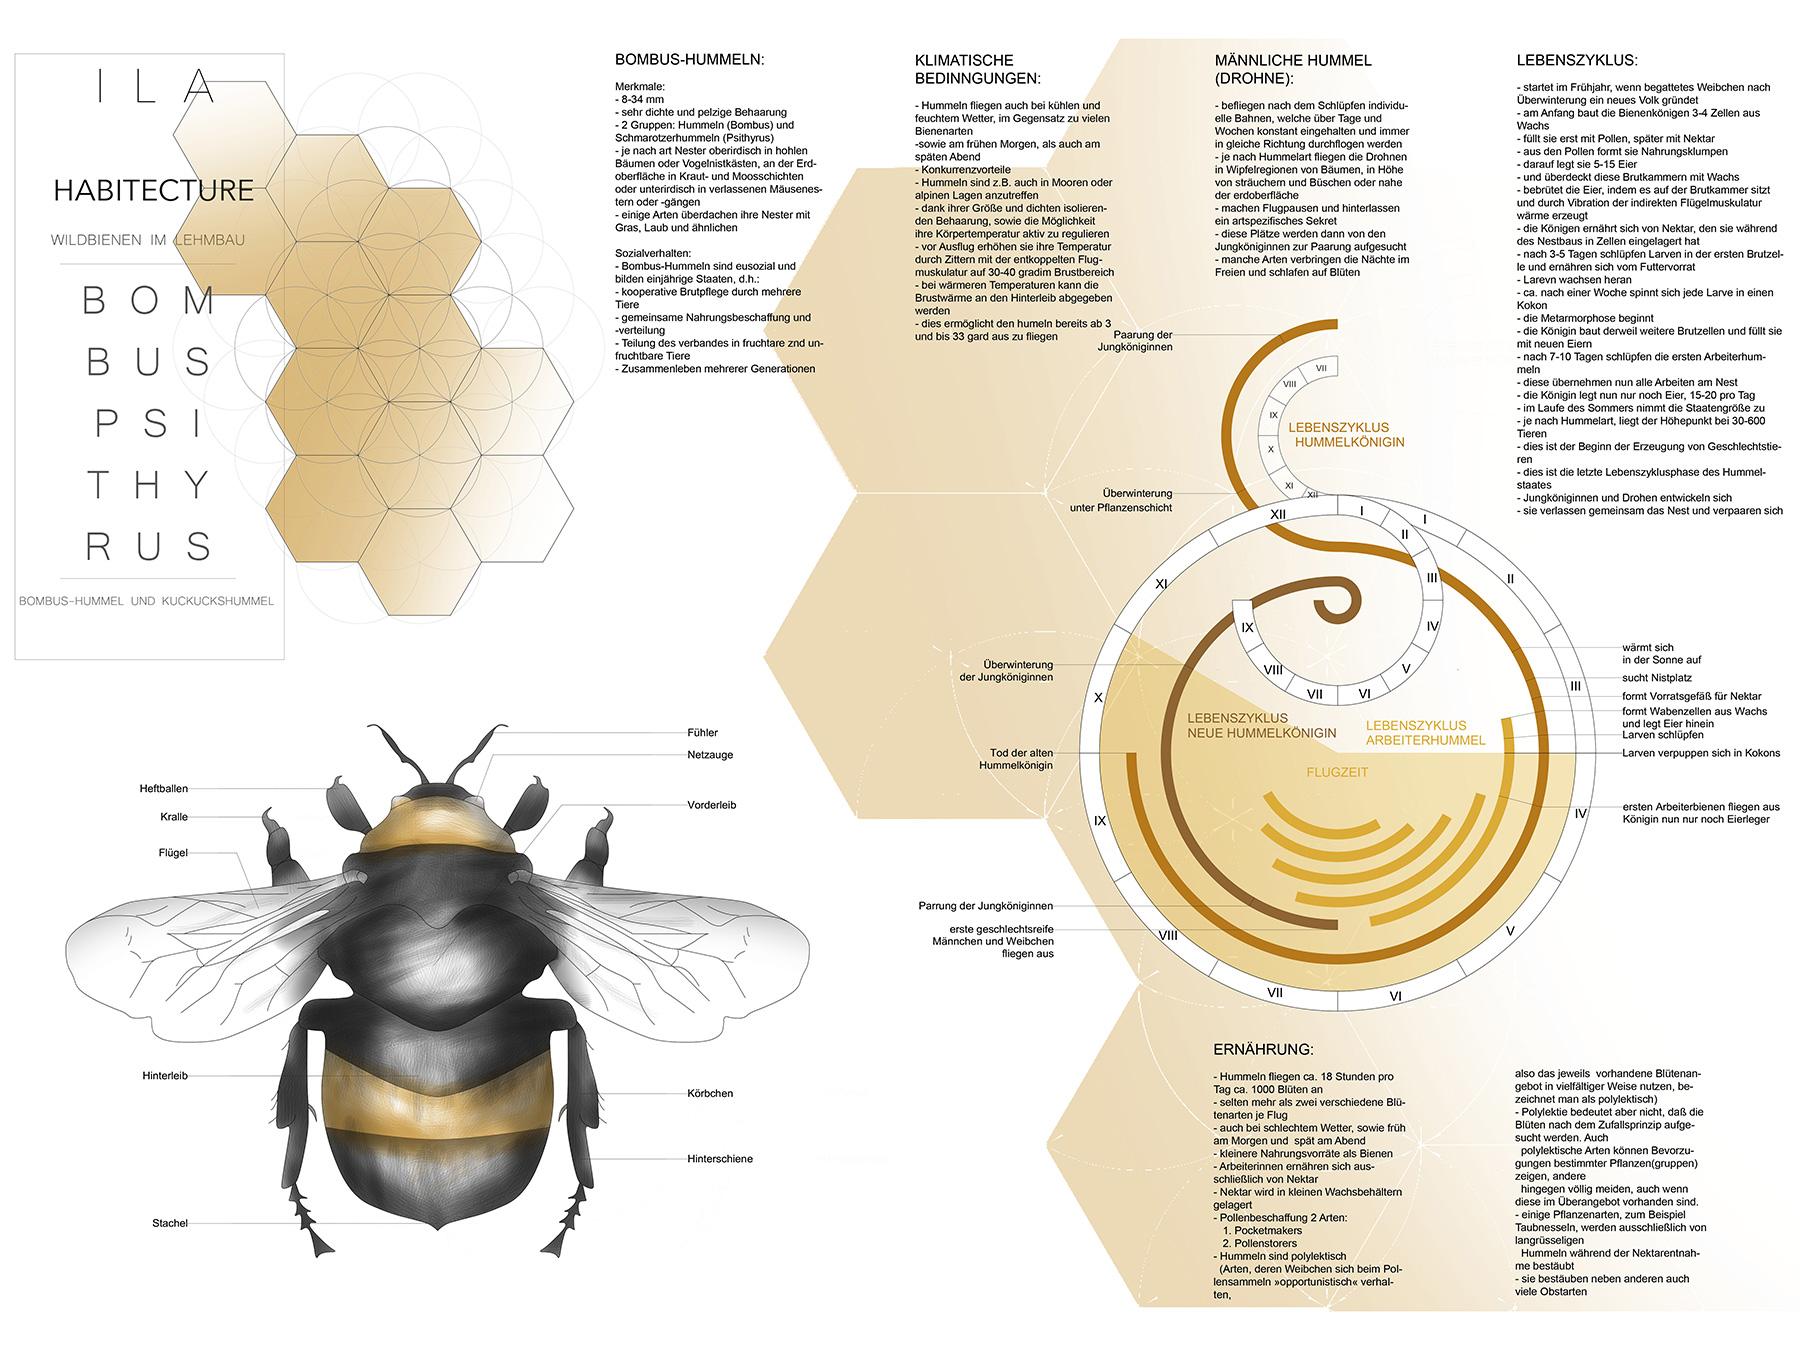 Analysen Wildbienen im Lehmbau I Kuckuckshummel Bombus Psithyrus I Zeichnung Valerie Woithe - 01